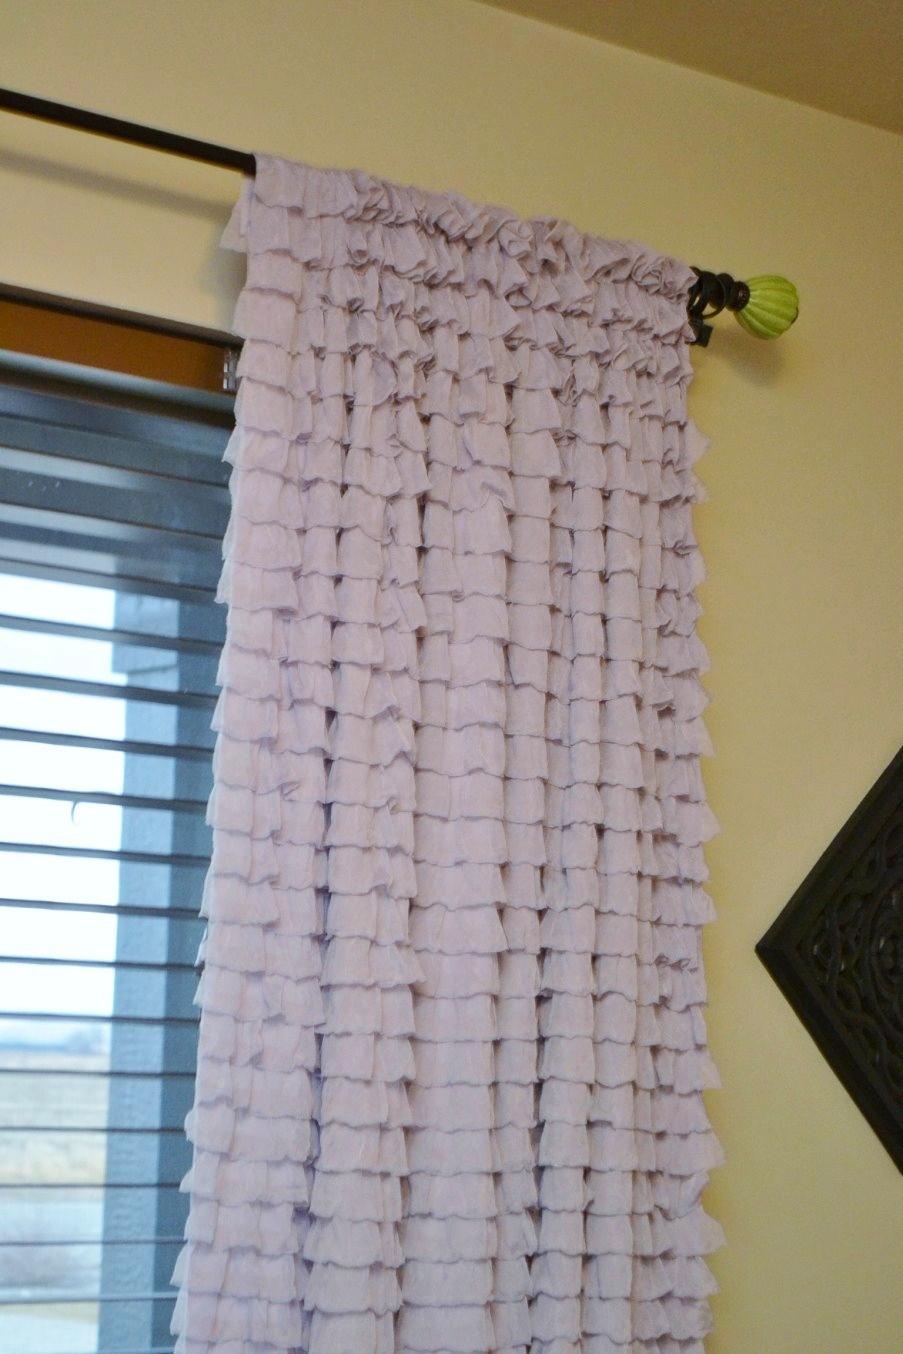 Ruffled curtain panel